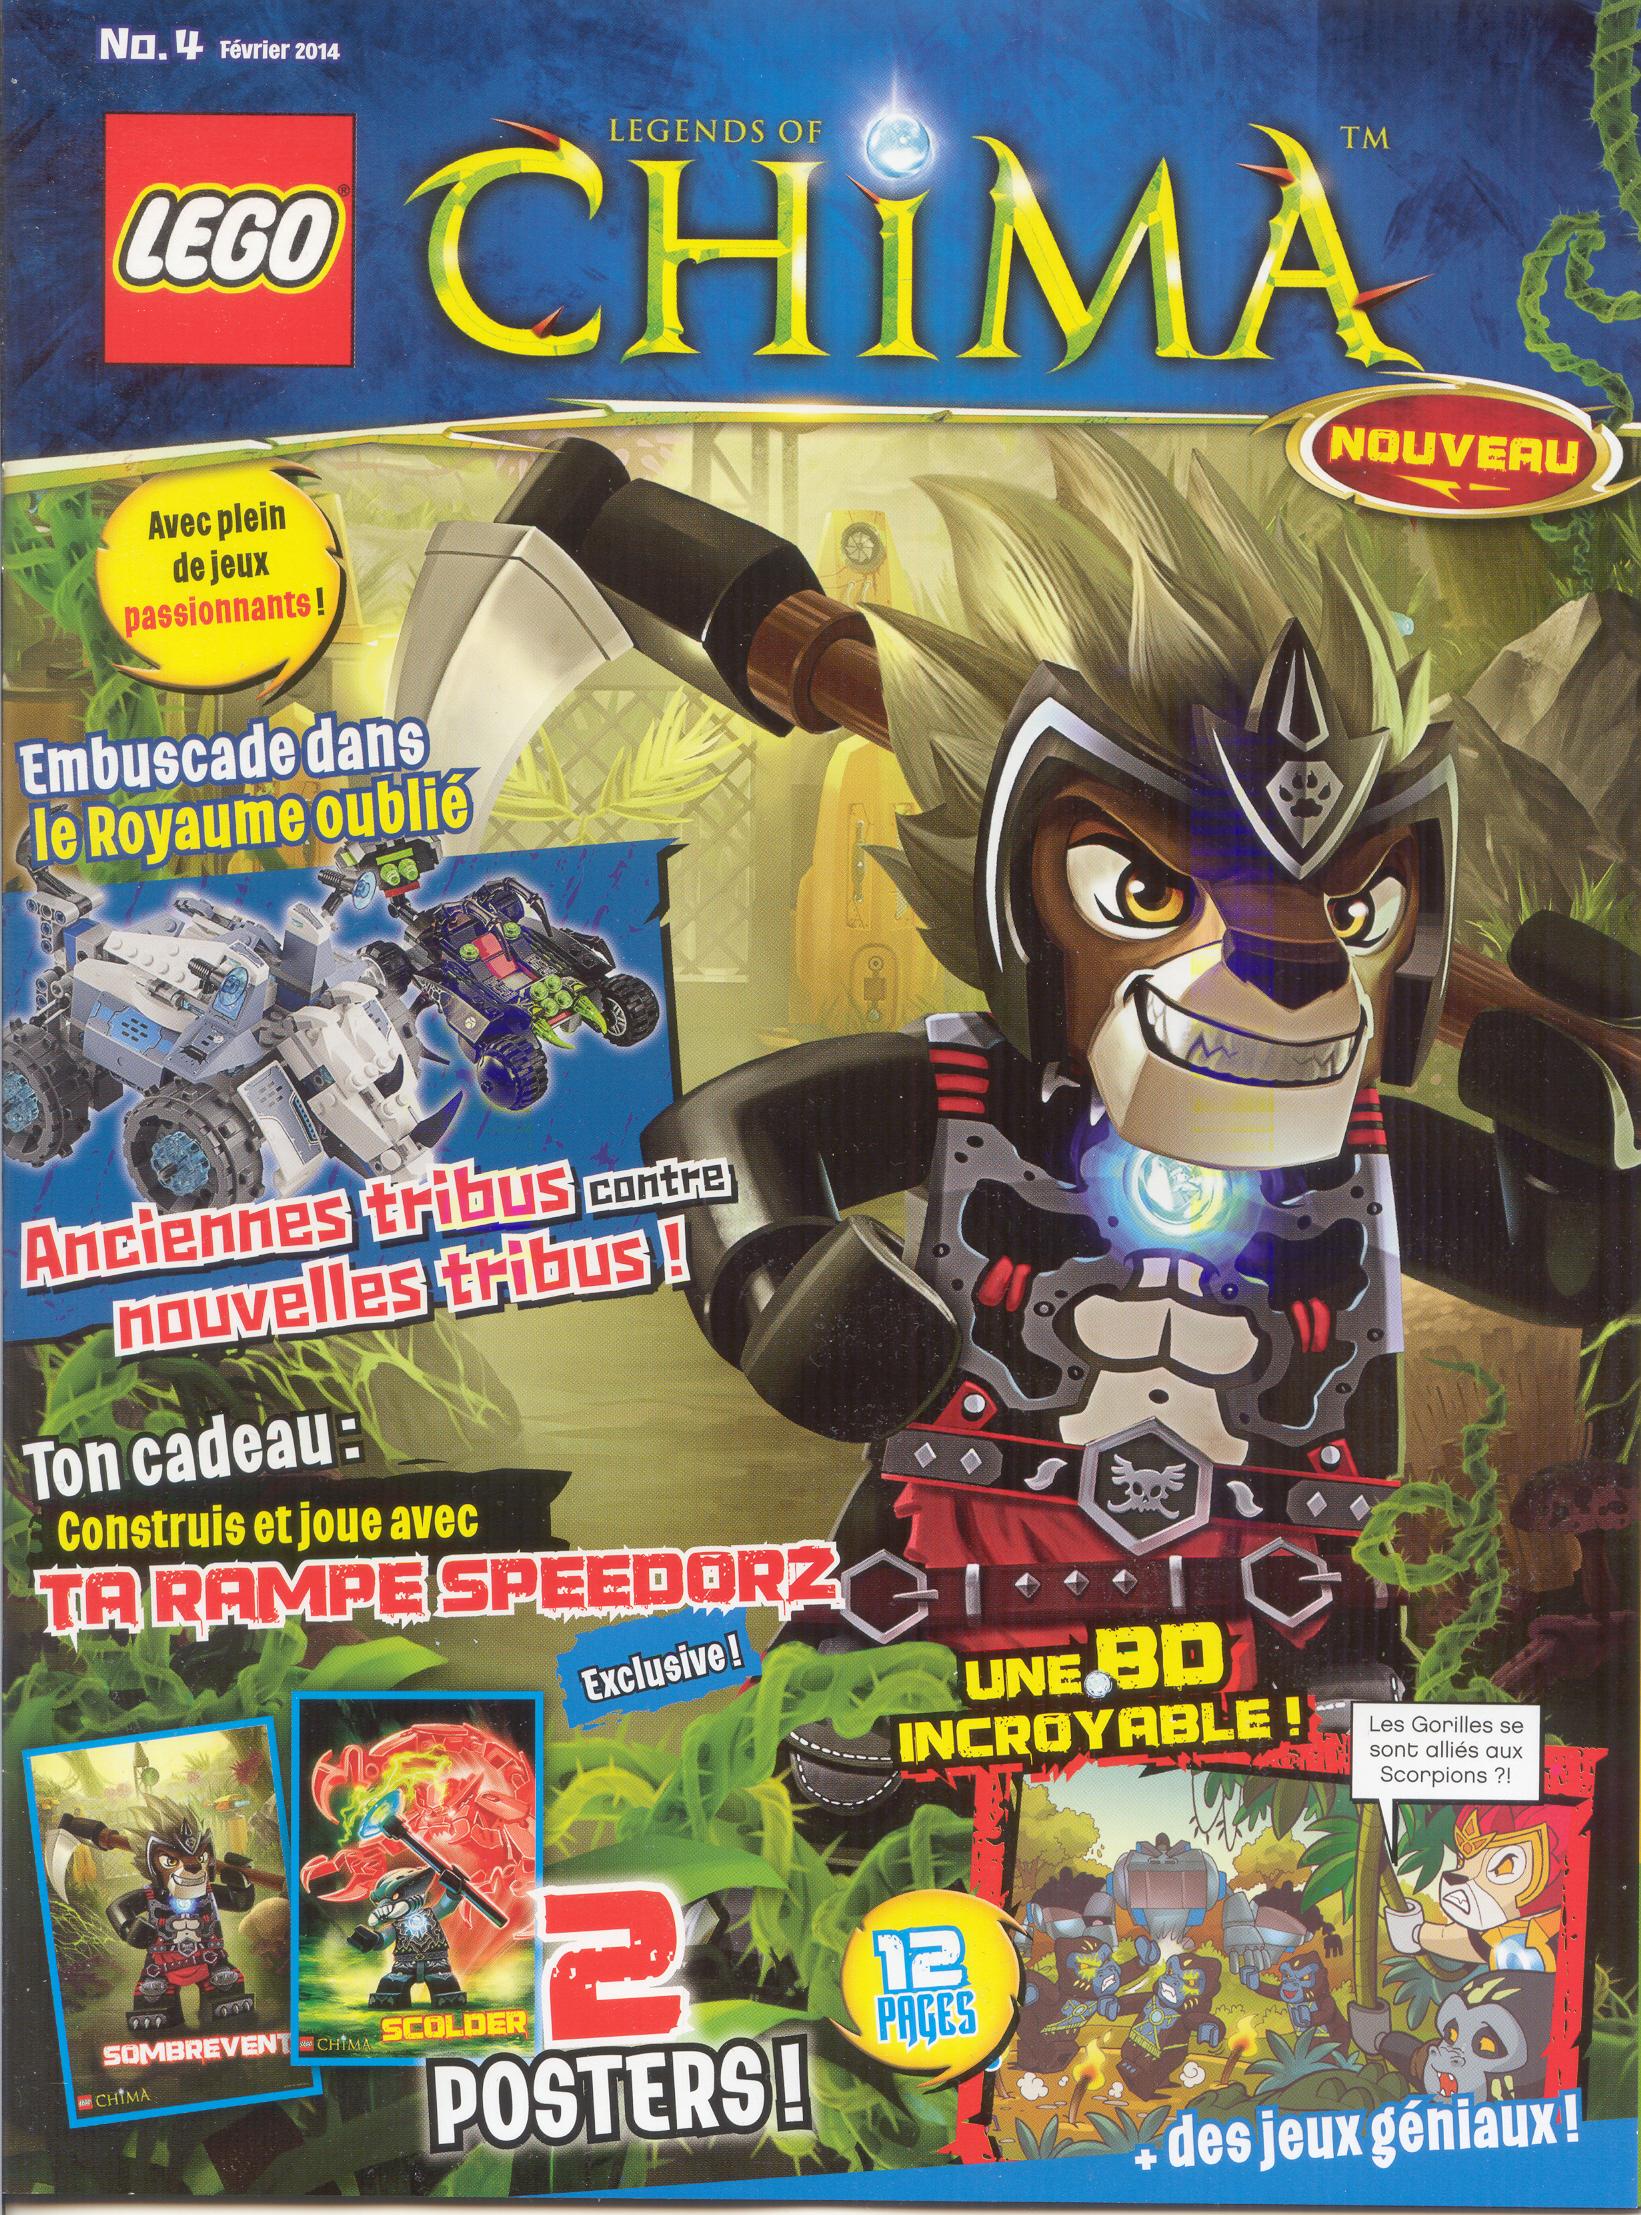 Lego chima 4 wiki lego fandom powered by wikia - Chima saison 2 ...